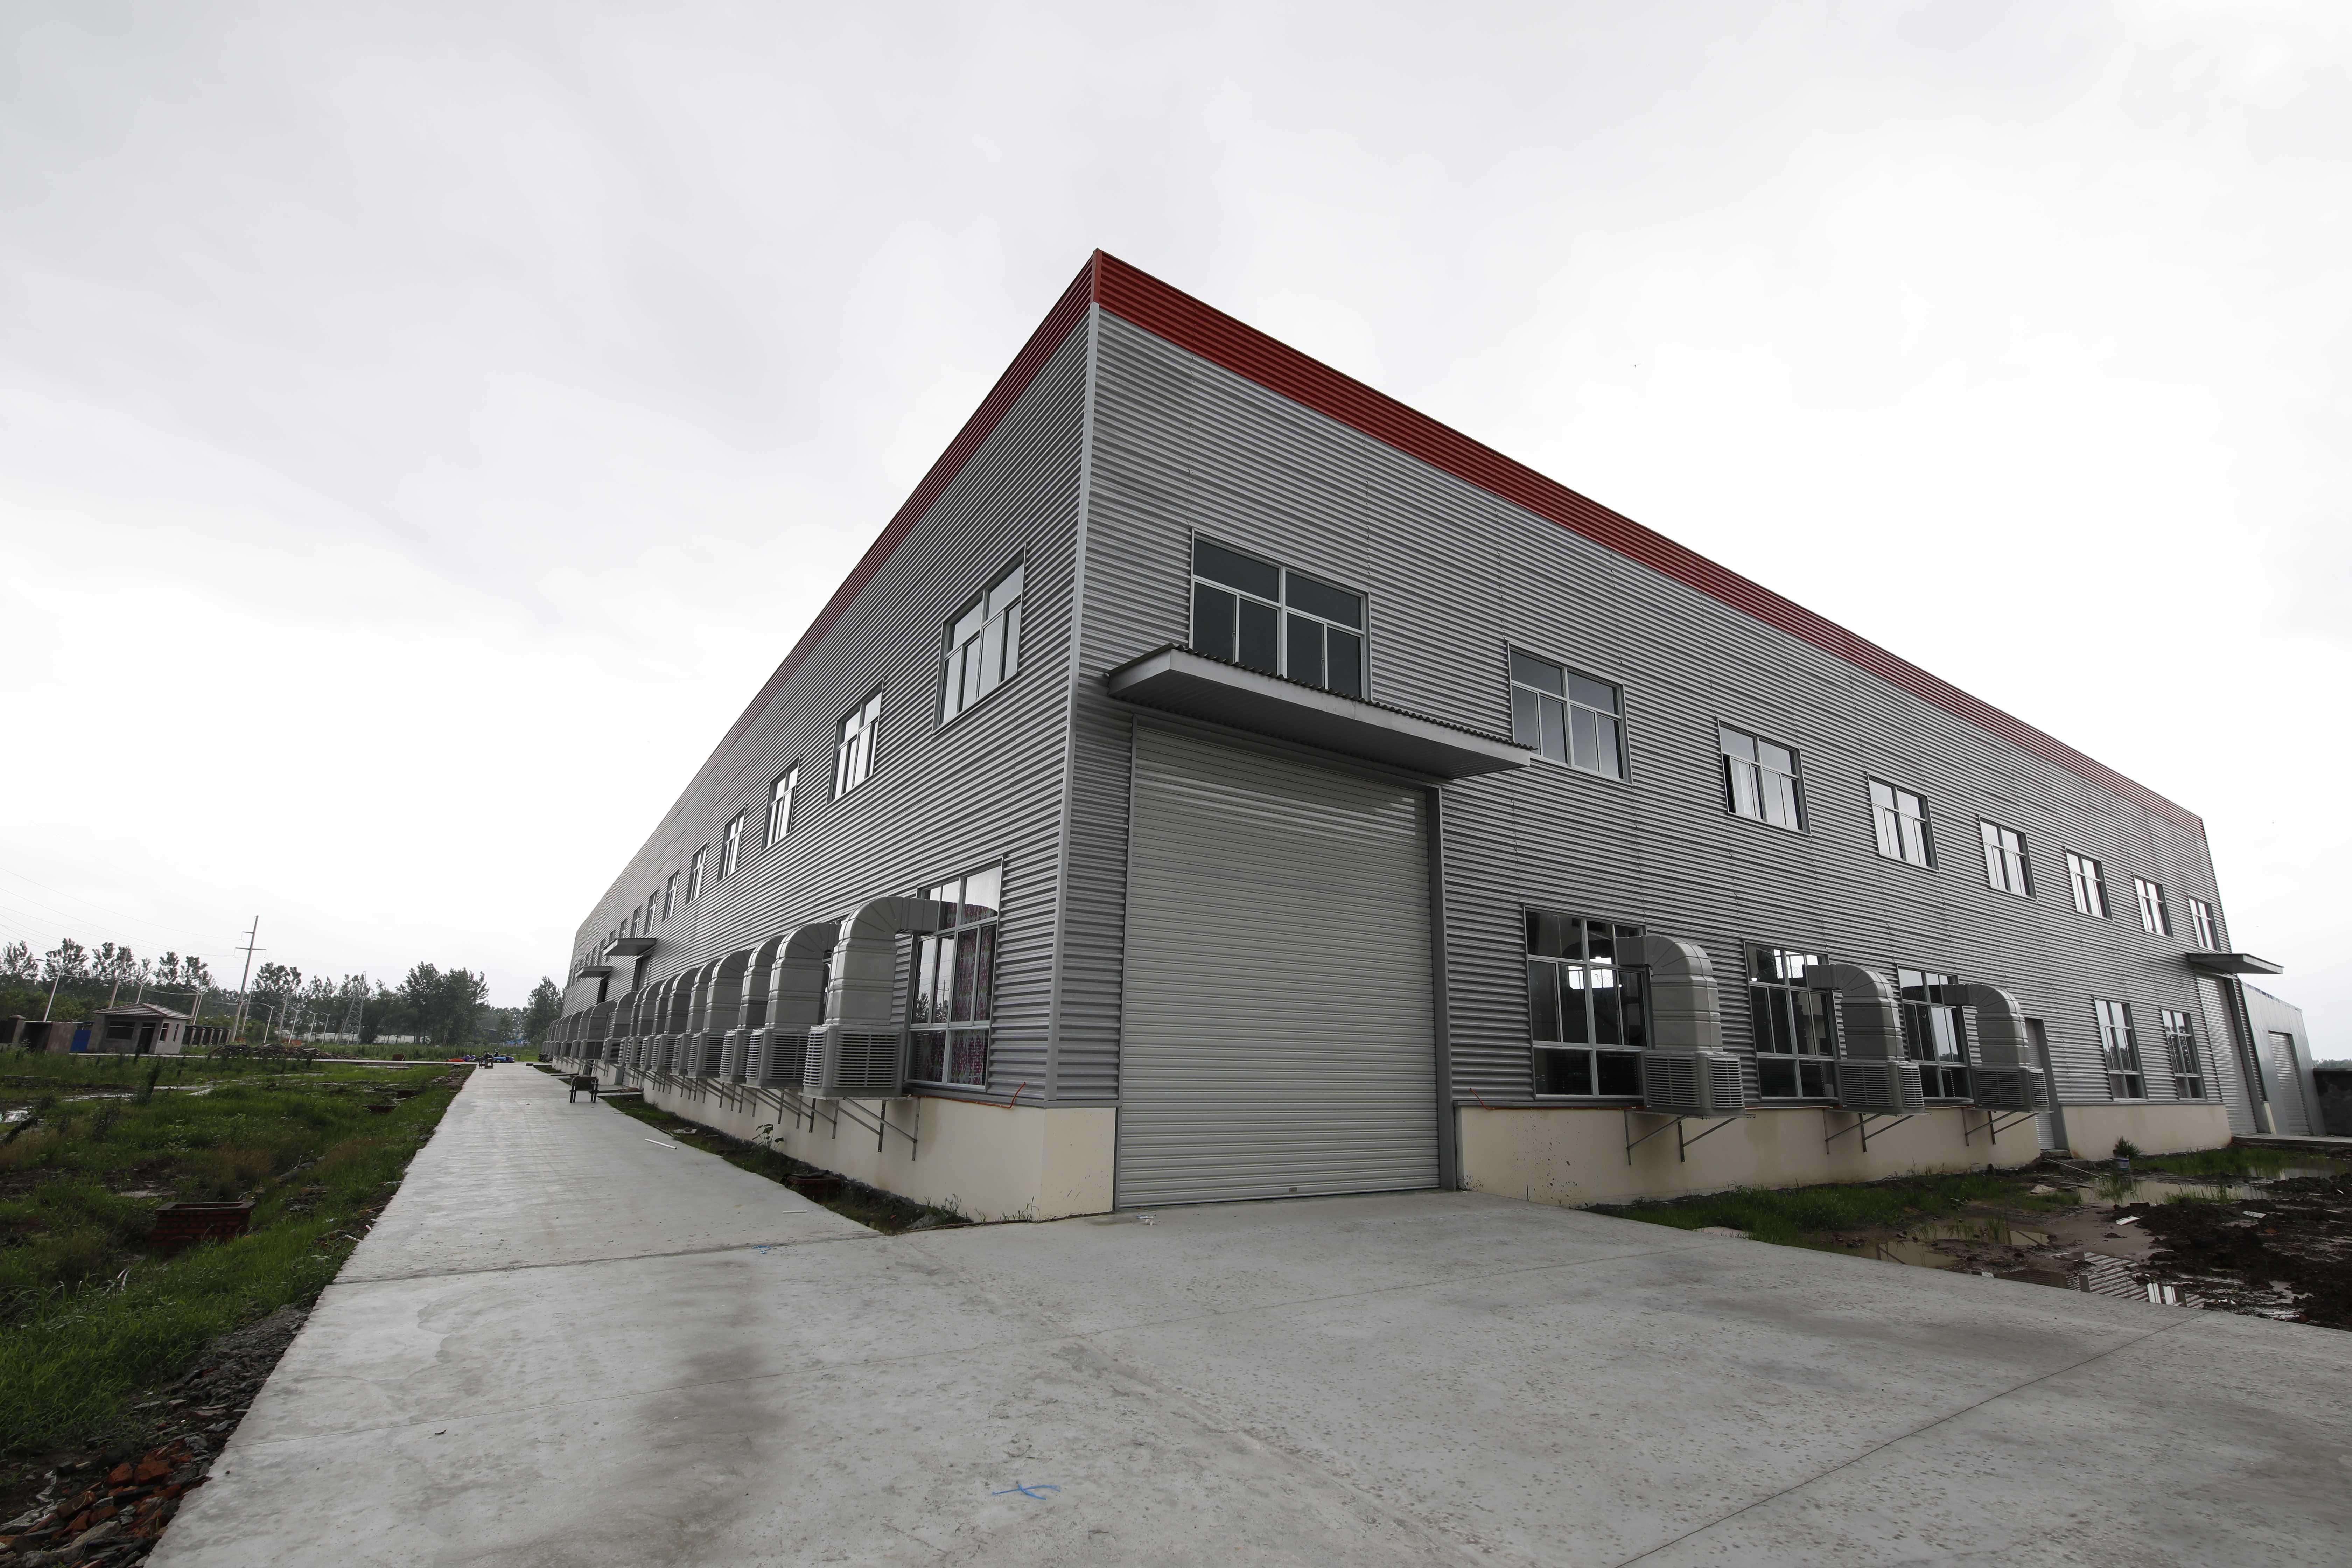 工廠硬件照片-_I4A3345